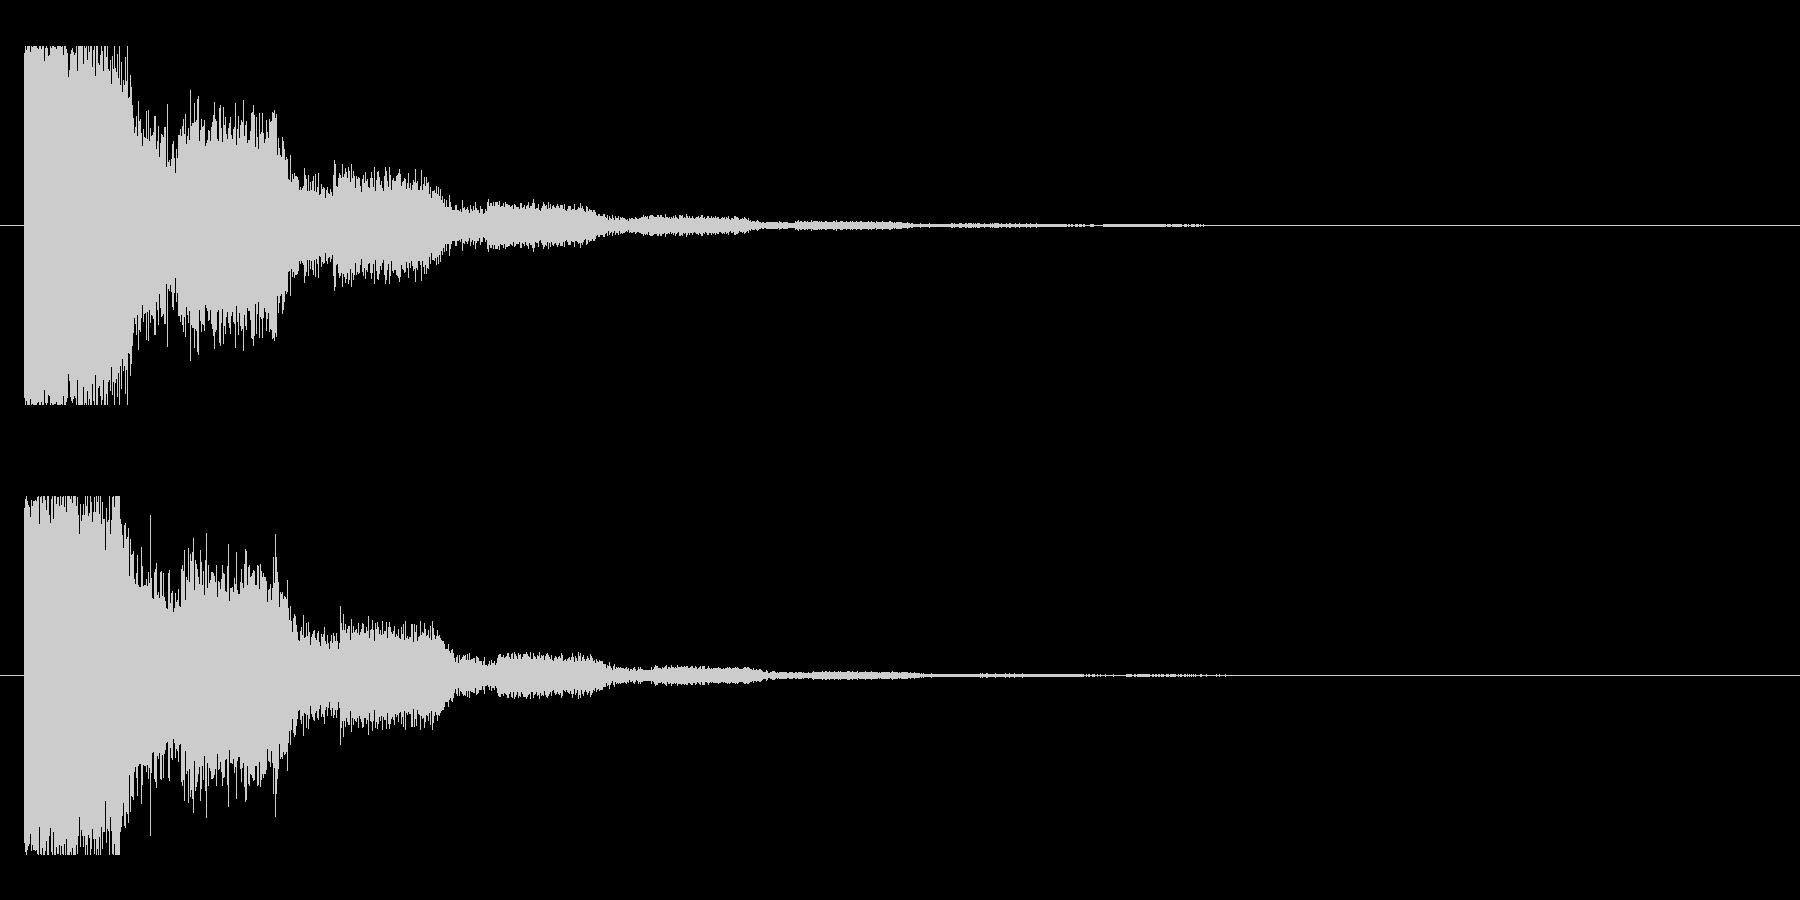 レーザー音-18-2の未再生の波形